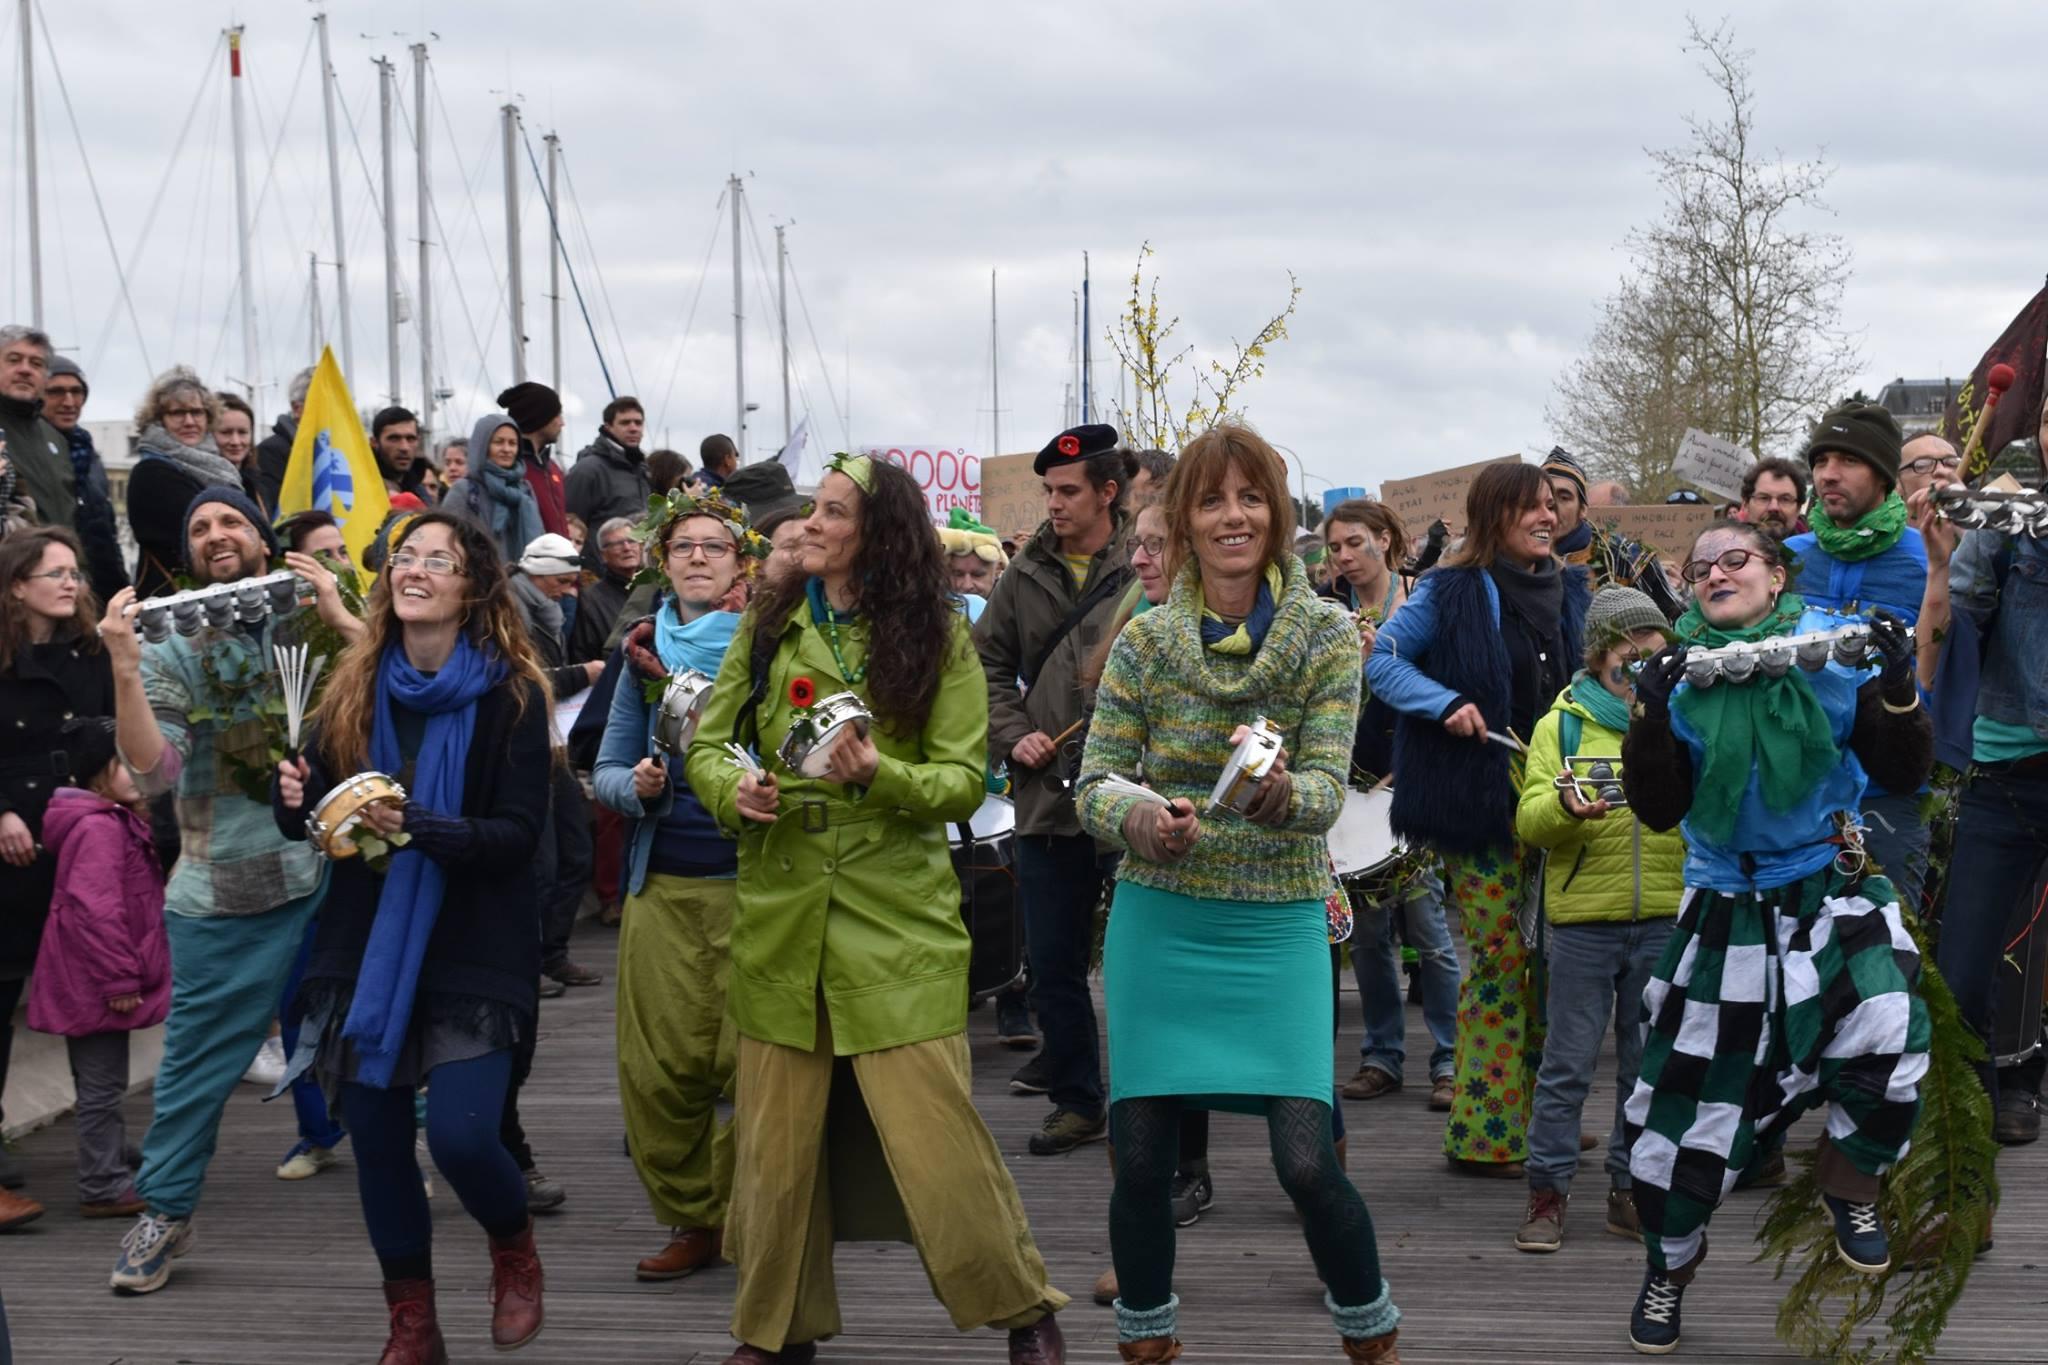 Batucada Ploukatak - Marche du siècle à Vannes